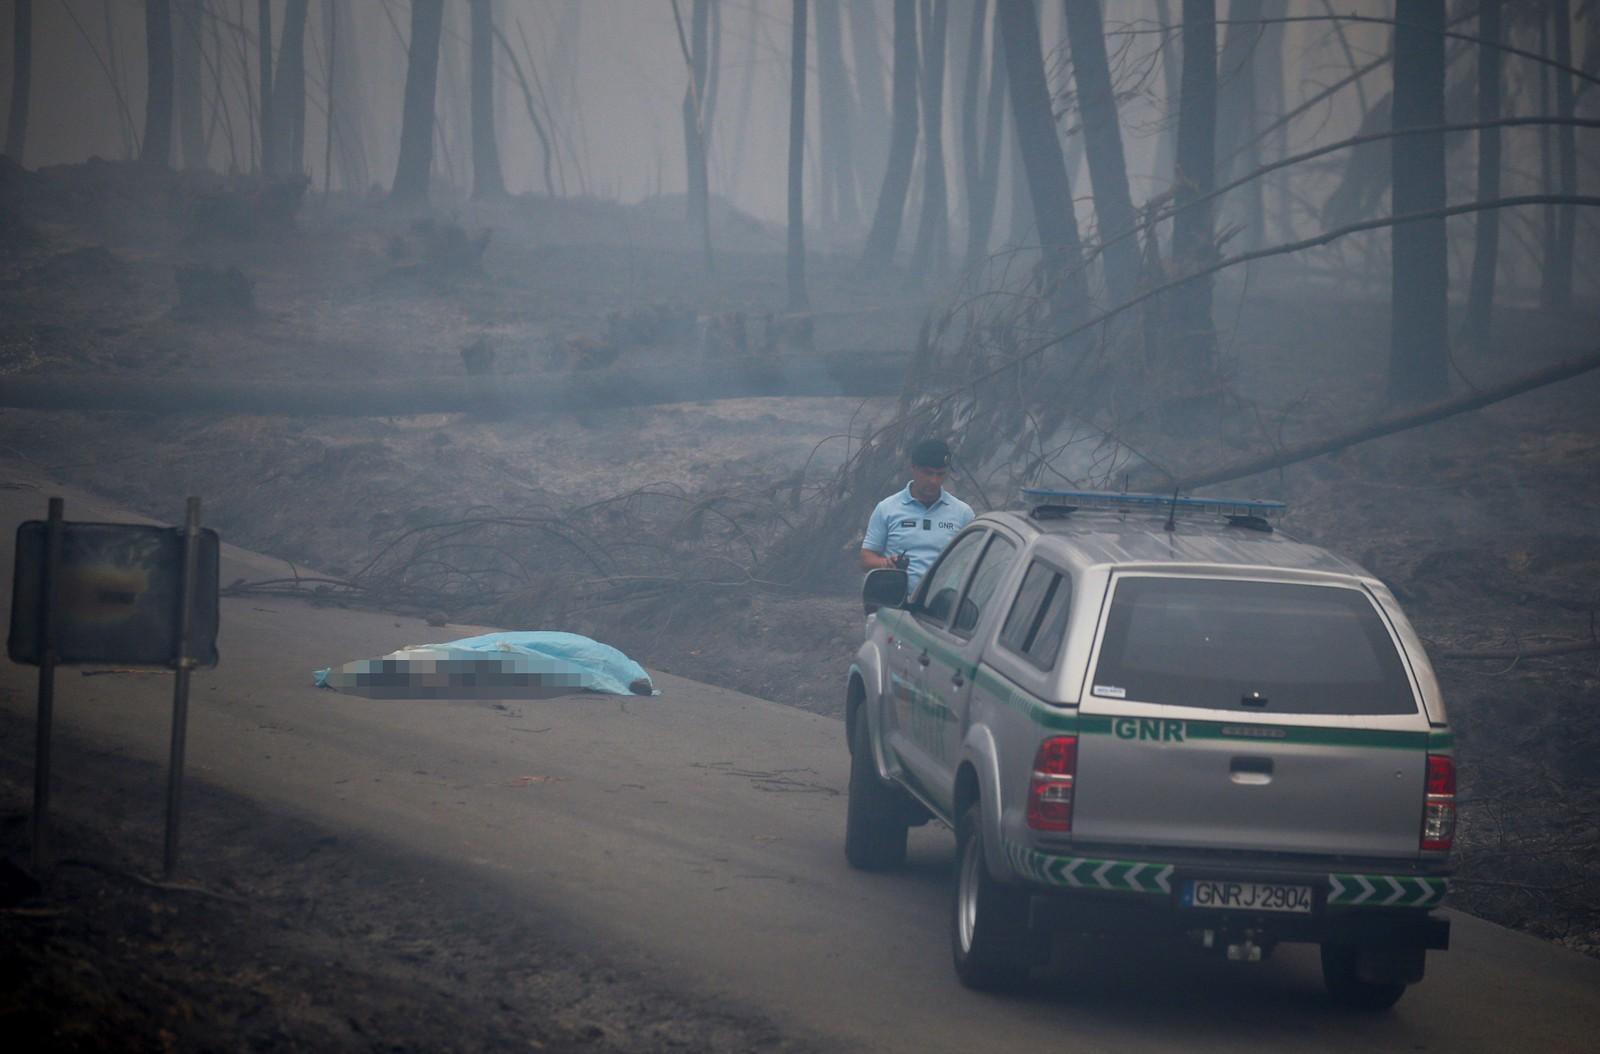 Mange av de omkomne døde mens de forsøkte å flykte fra flammene.